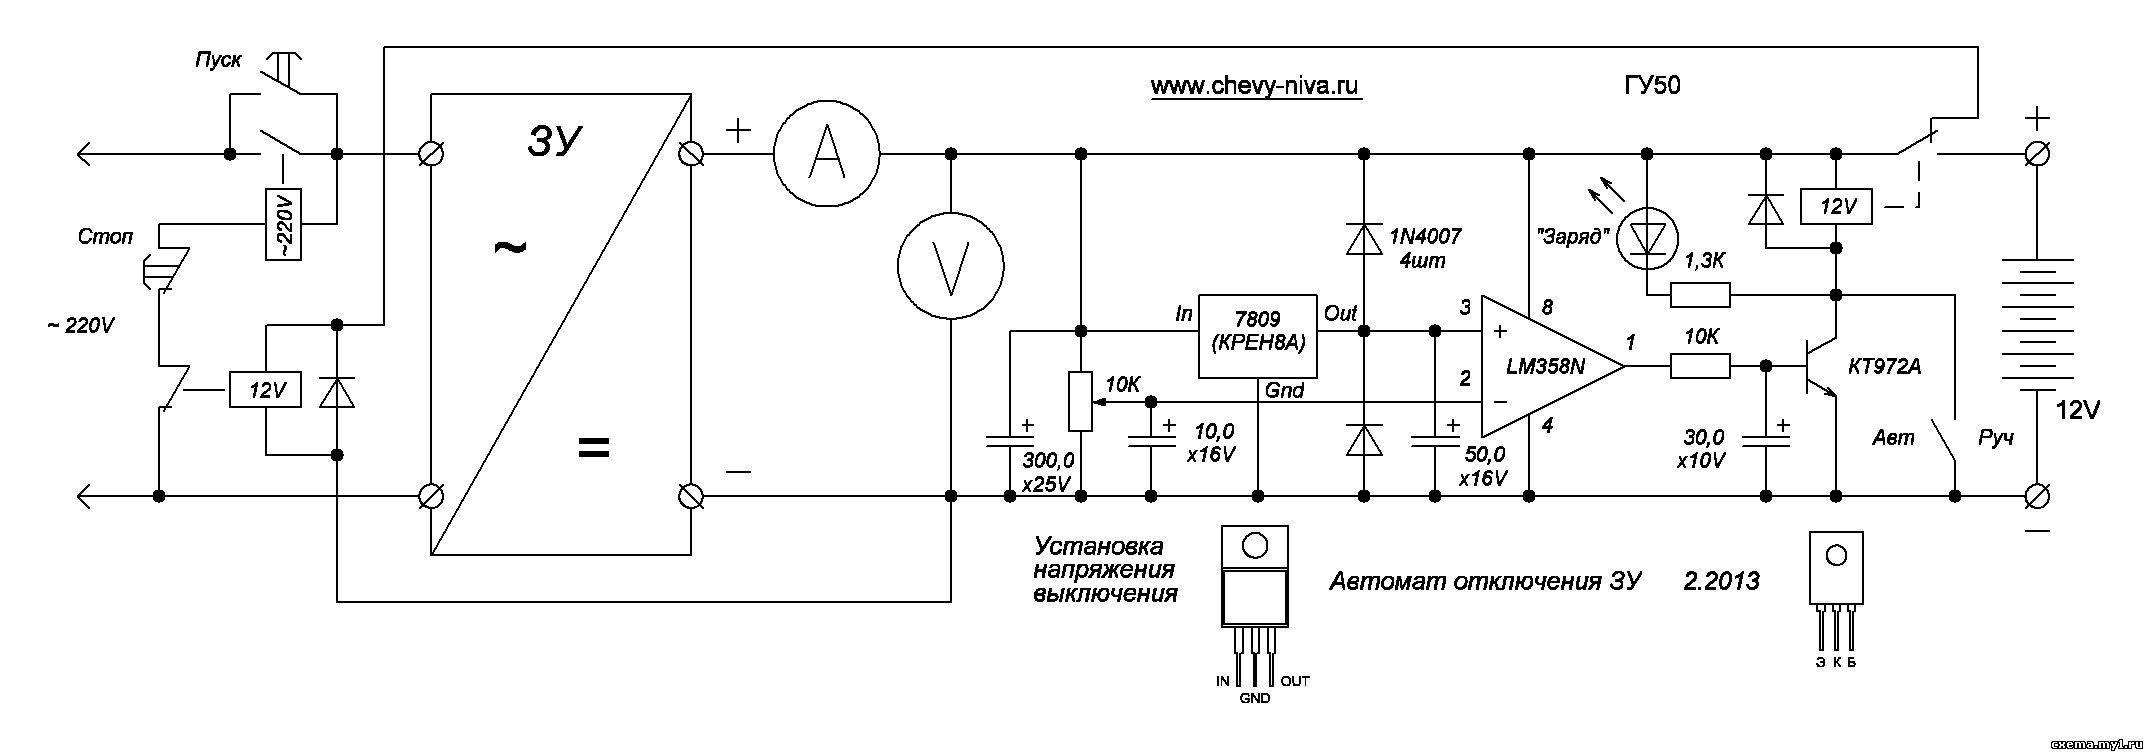 Схему автоматического зарядного устройства для автомобильного аккумулятора